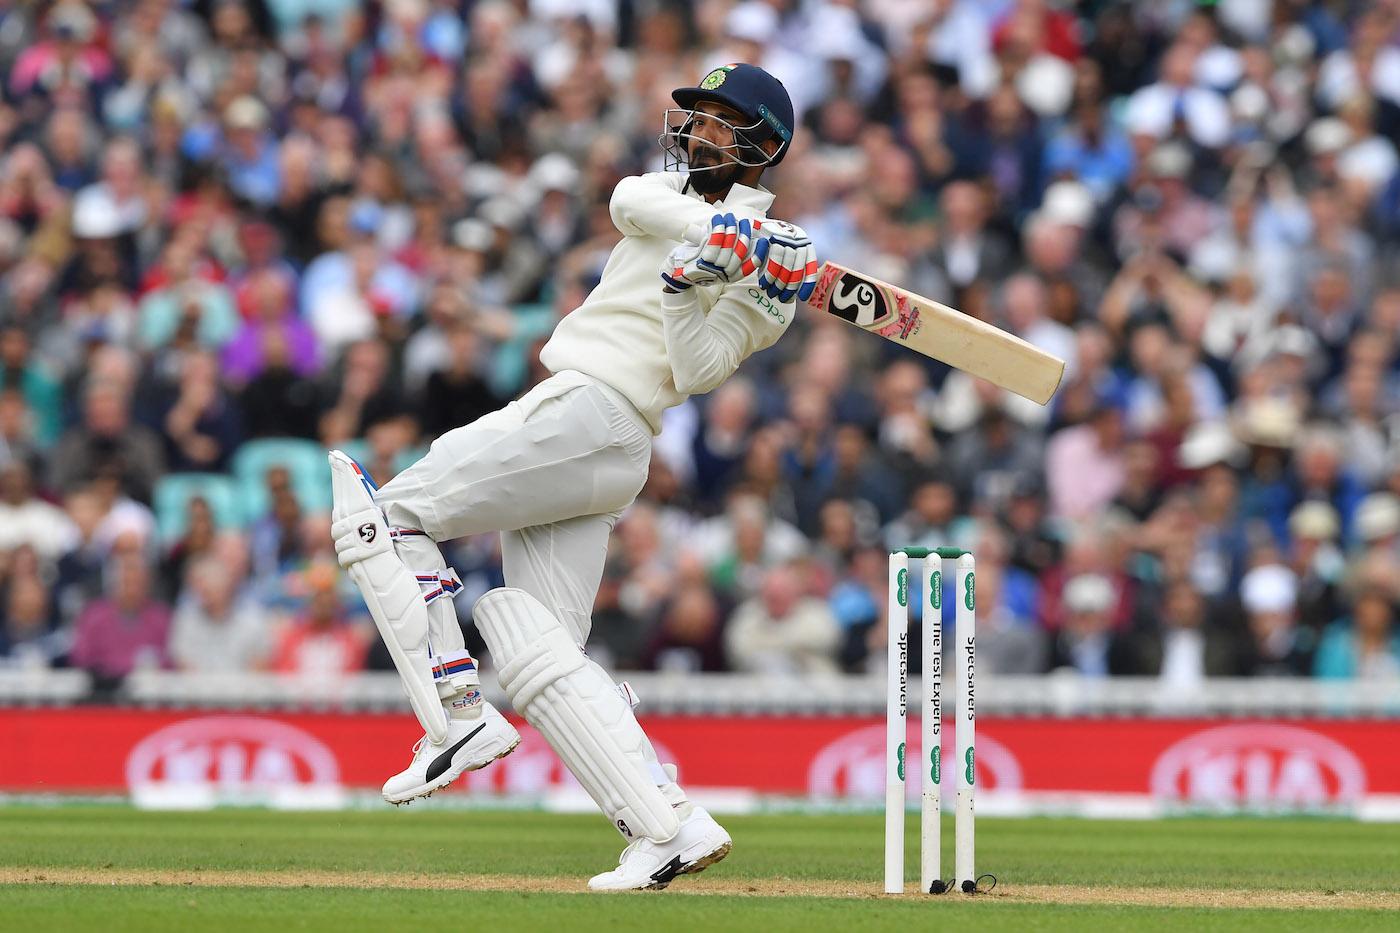 इंग्लैंड लायंस के खिलाफ पहले अनऑफिशियल टेस्ट मैच के लिए इंडिया ए का ऐलान 6